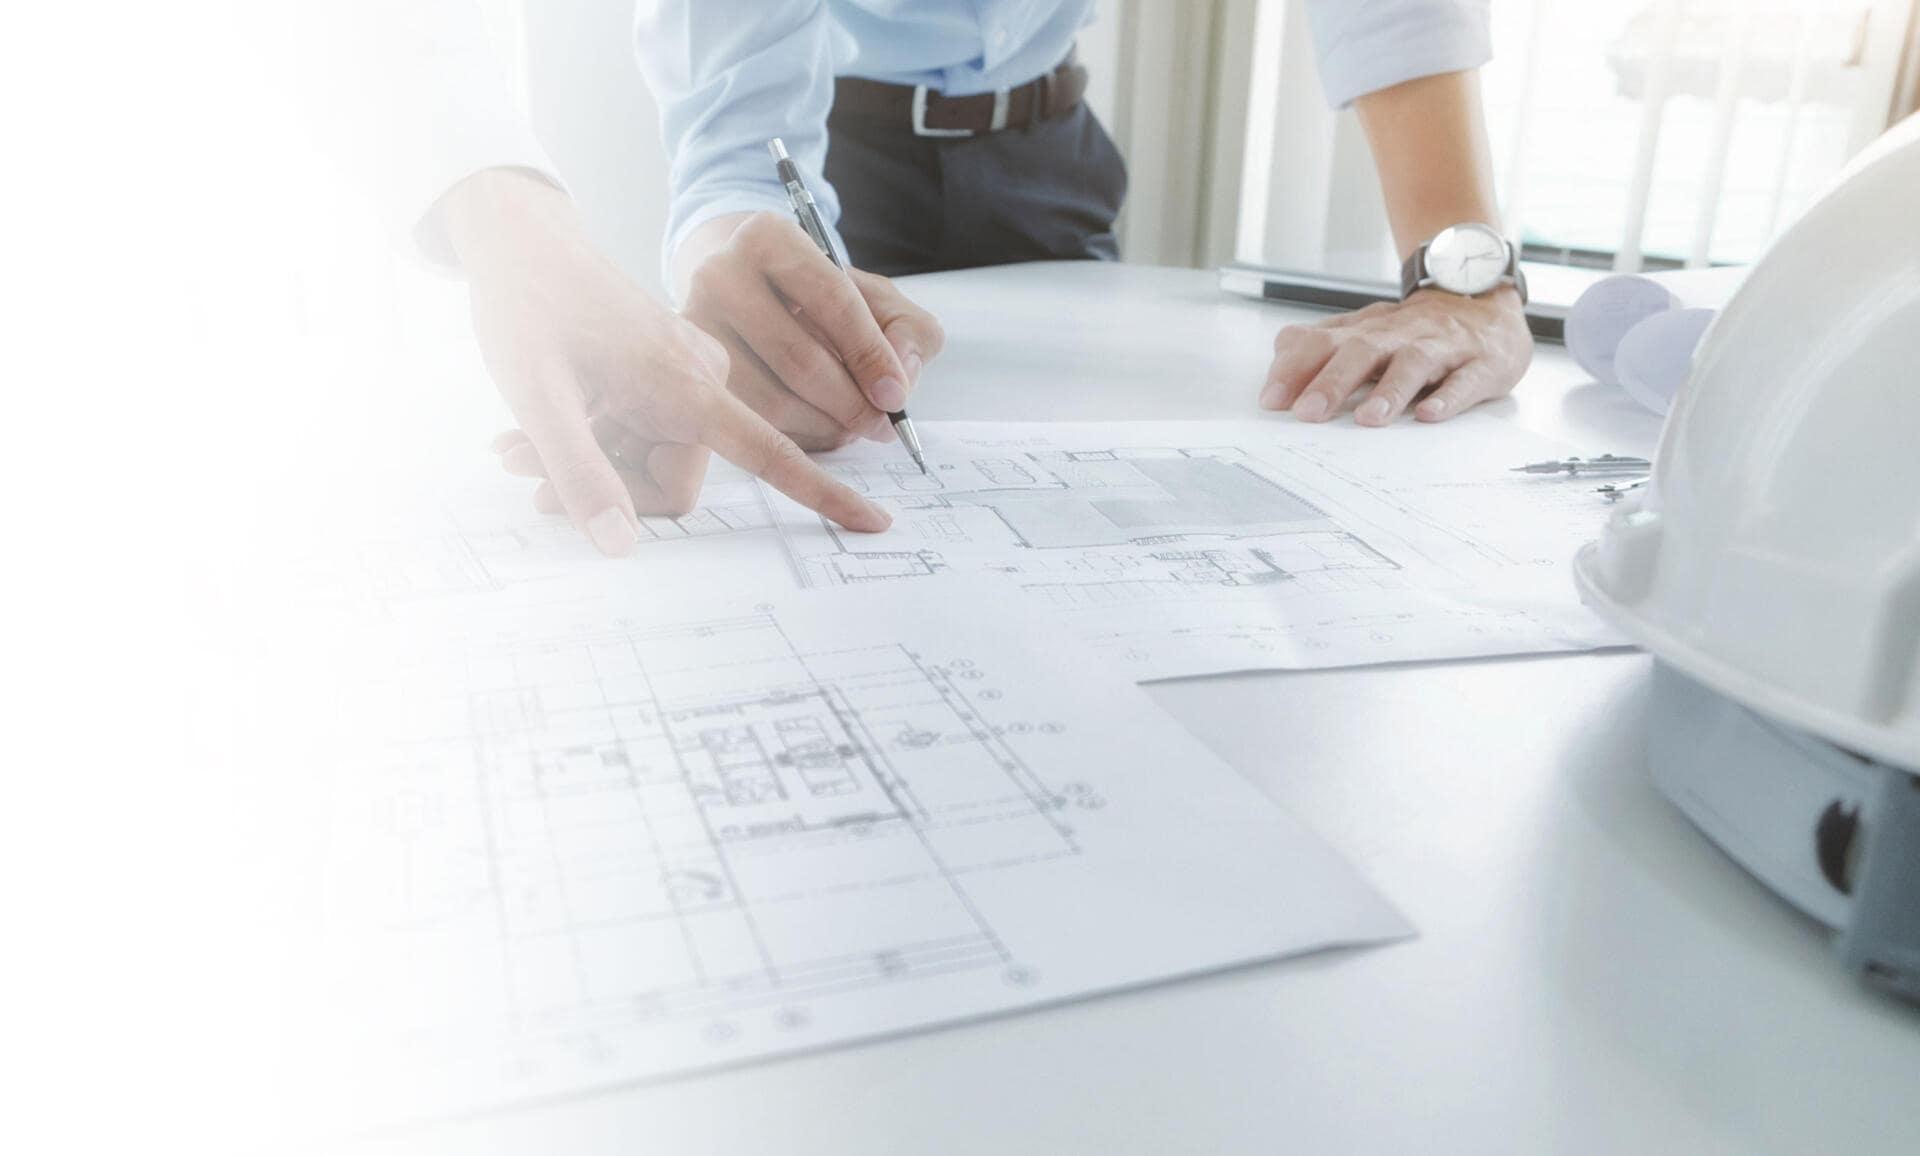 Das Bild zeigt einen Bauplan.